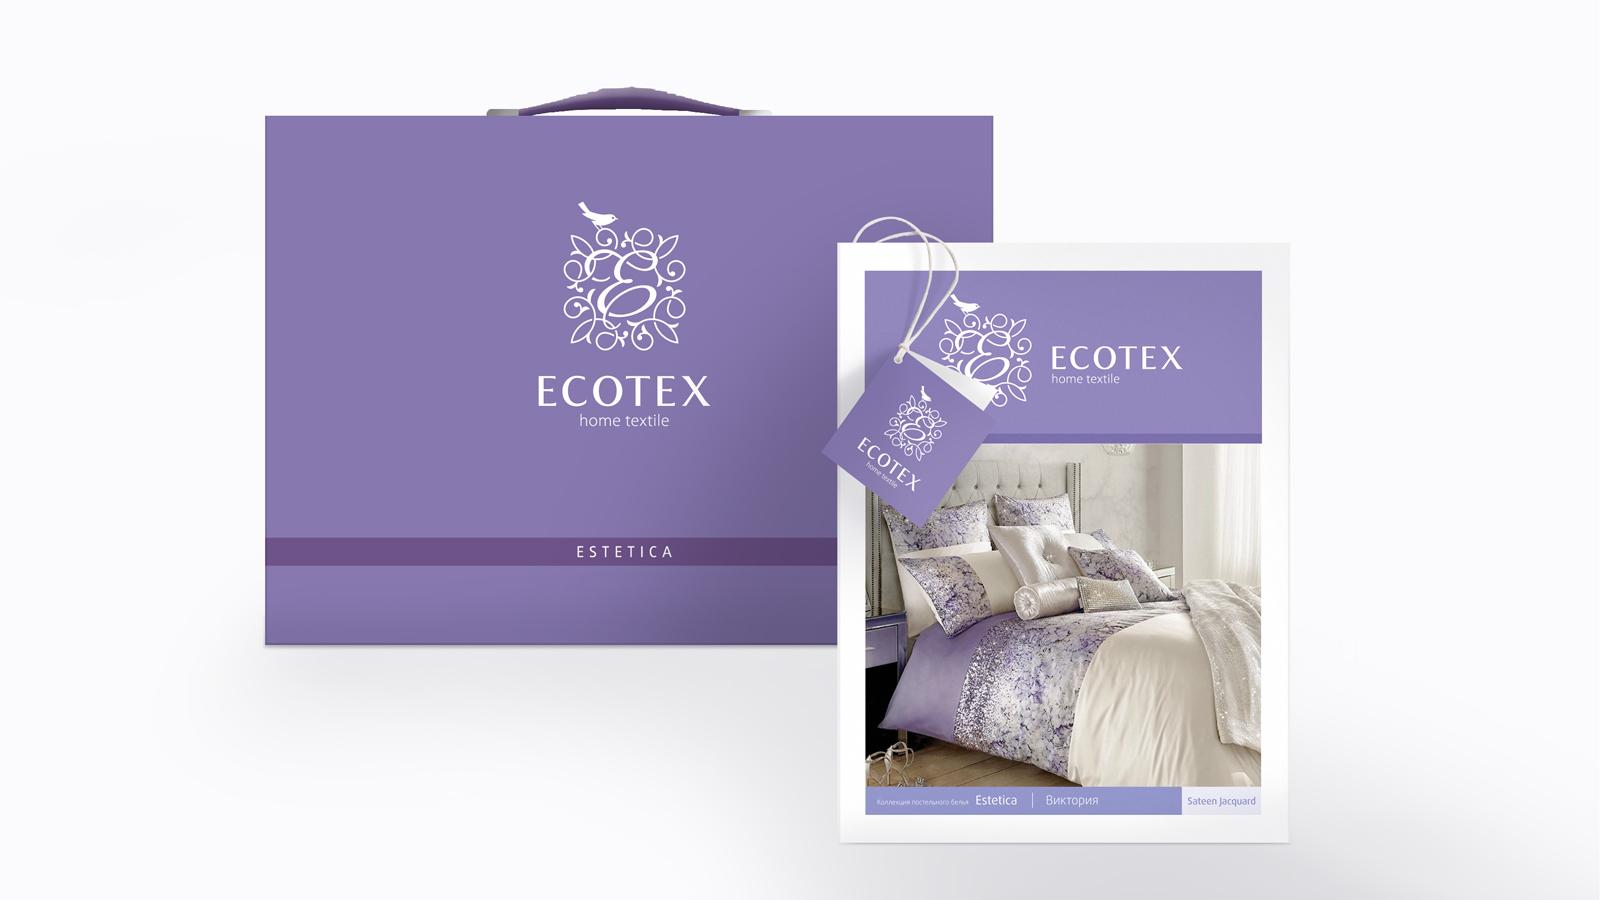 Дизайн упаковки линейки постельного белья Estetica от Ecotex подчеркивает ценности бренда